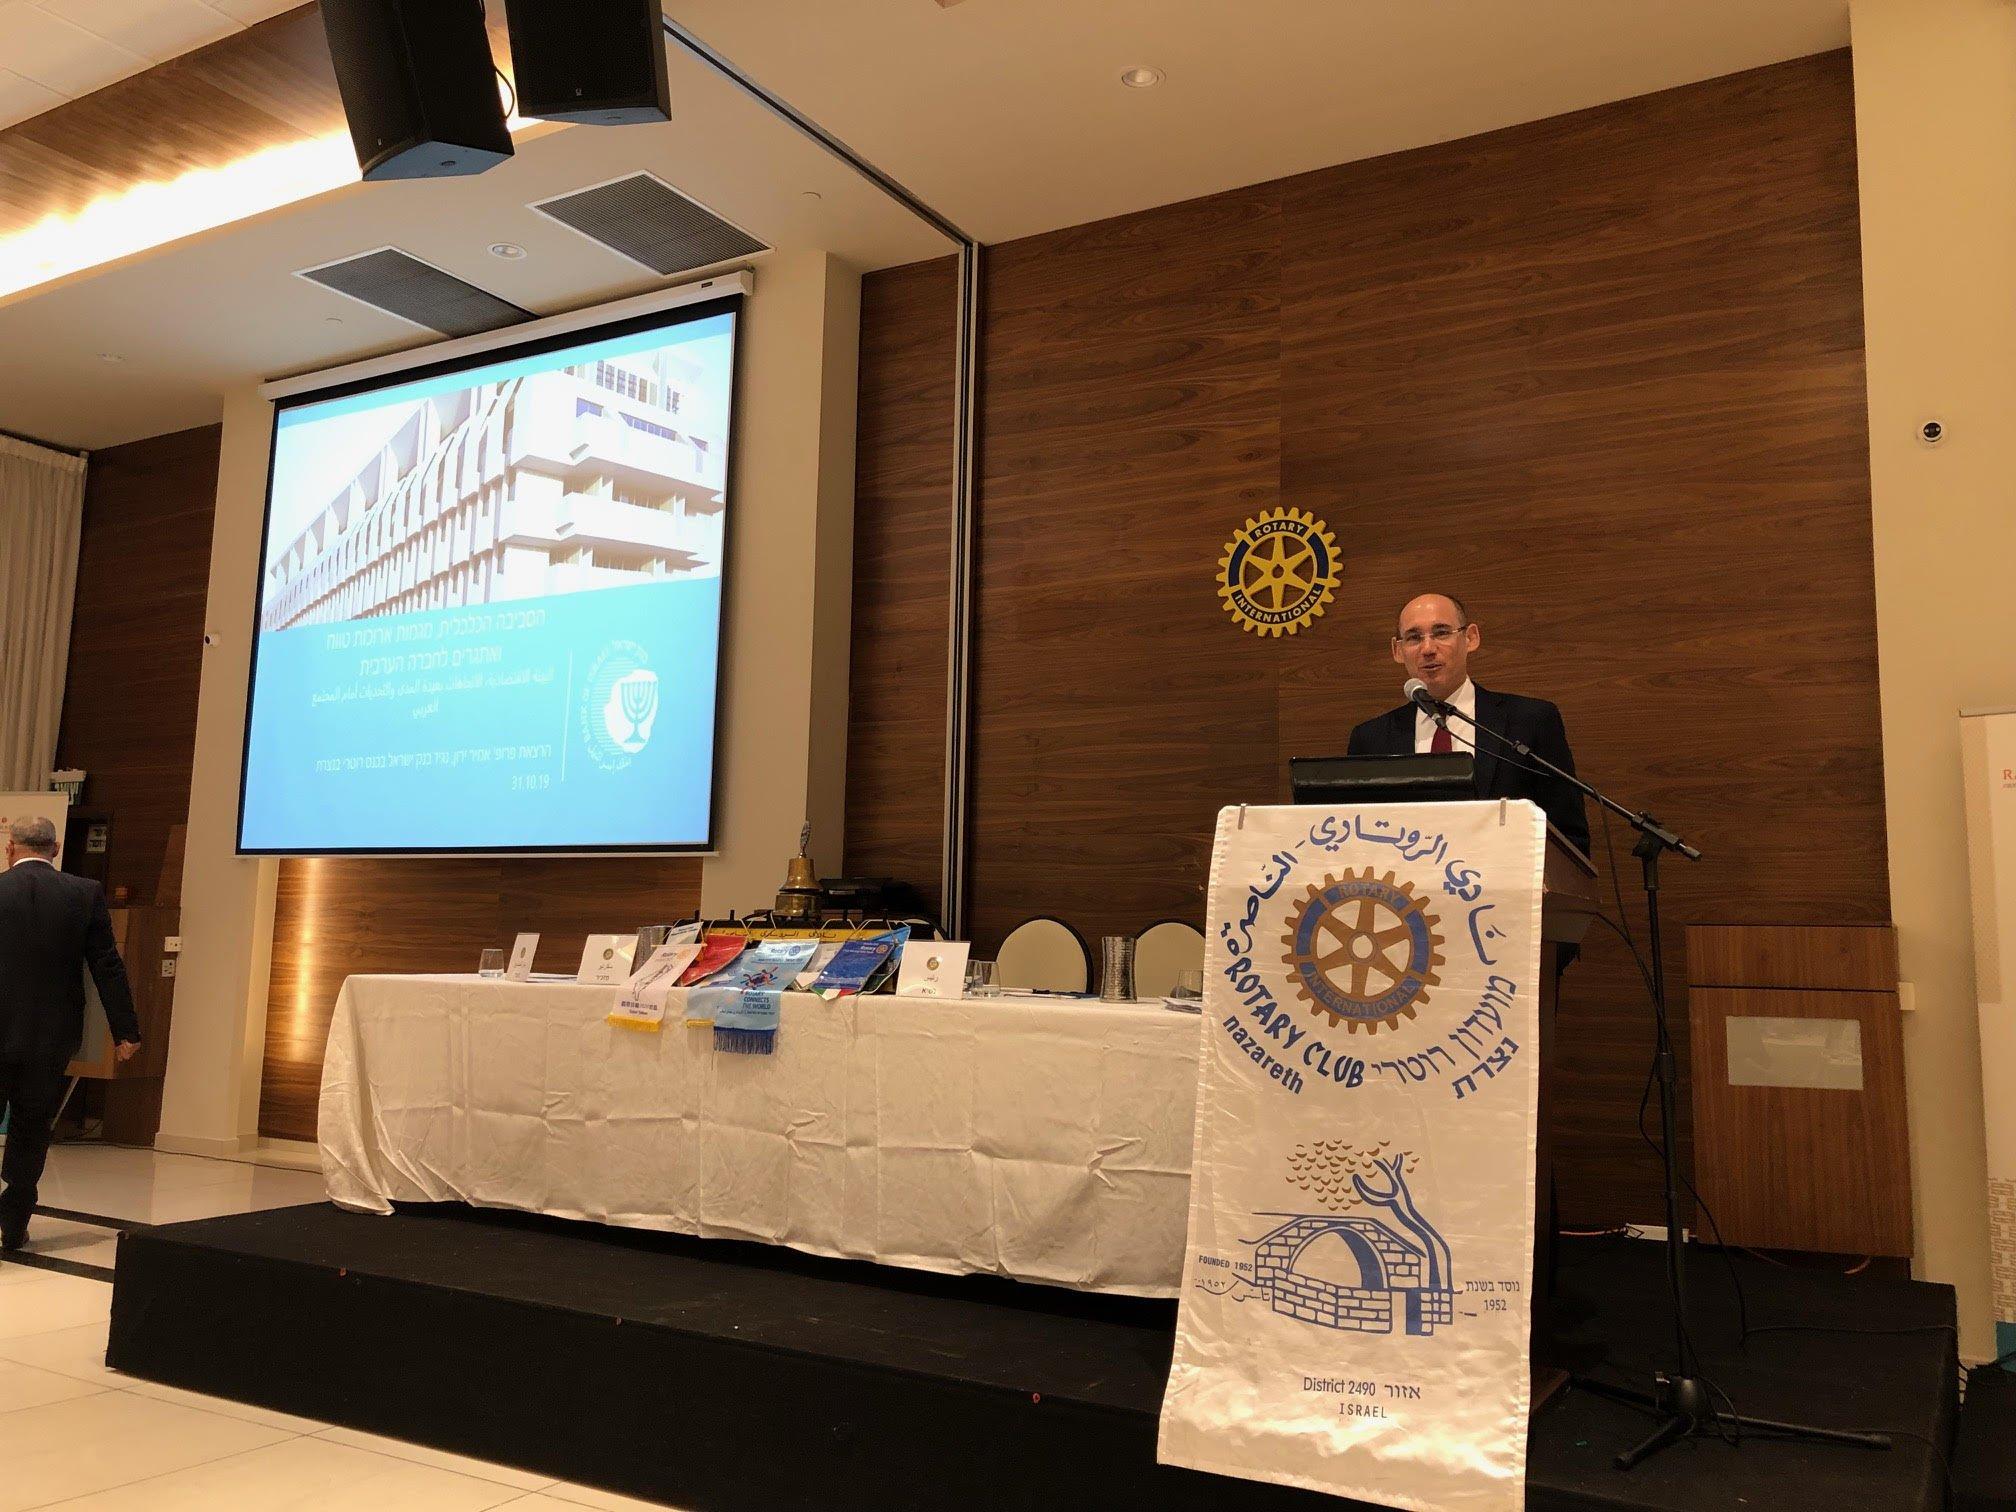 محافظ بنك إسرائيل يزور الناصرة ويجتمع بمبادرين ورجال أعمال ومديري مستشفيات ويشارك في المؤتمر الروتاري